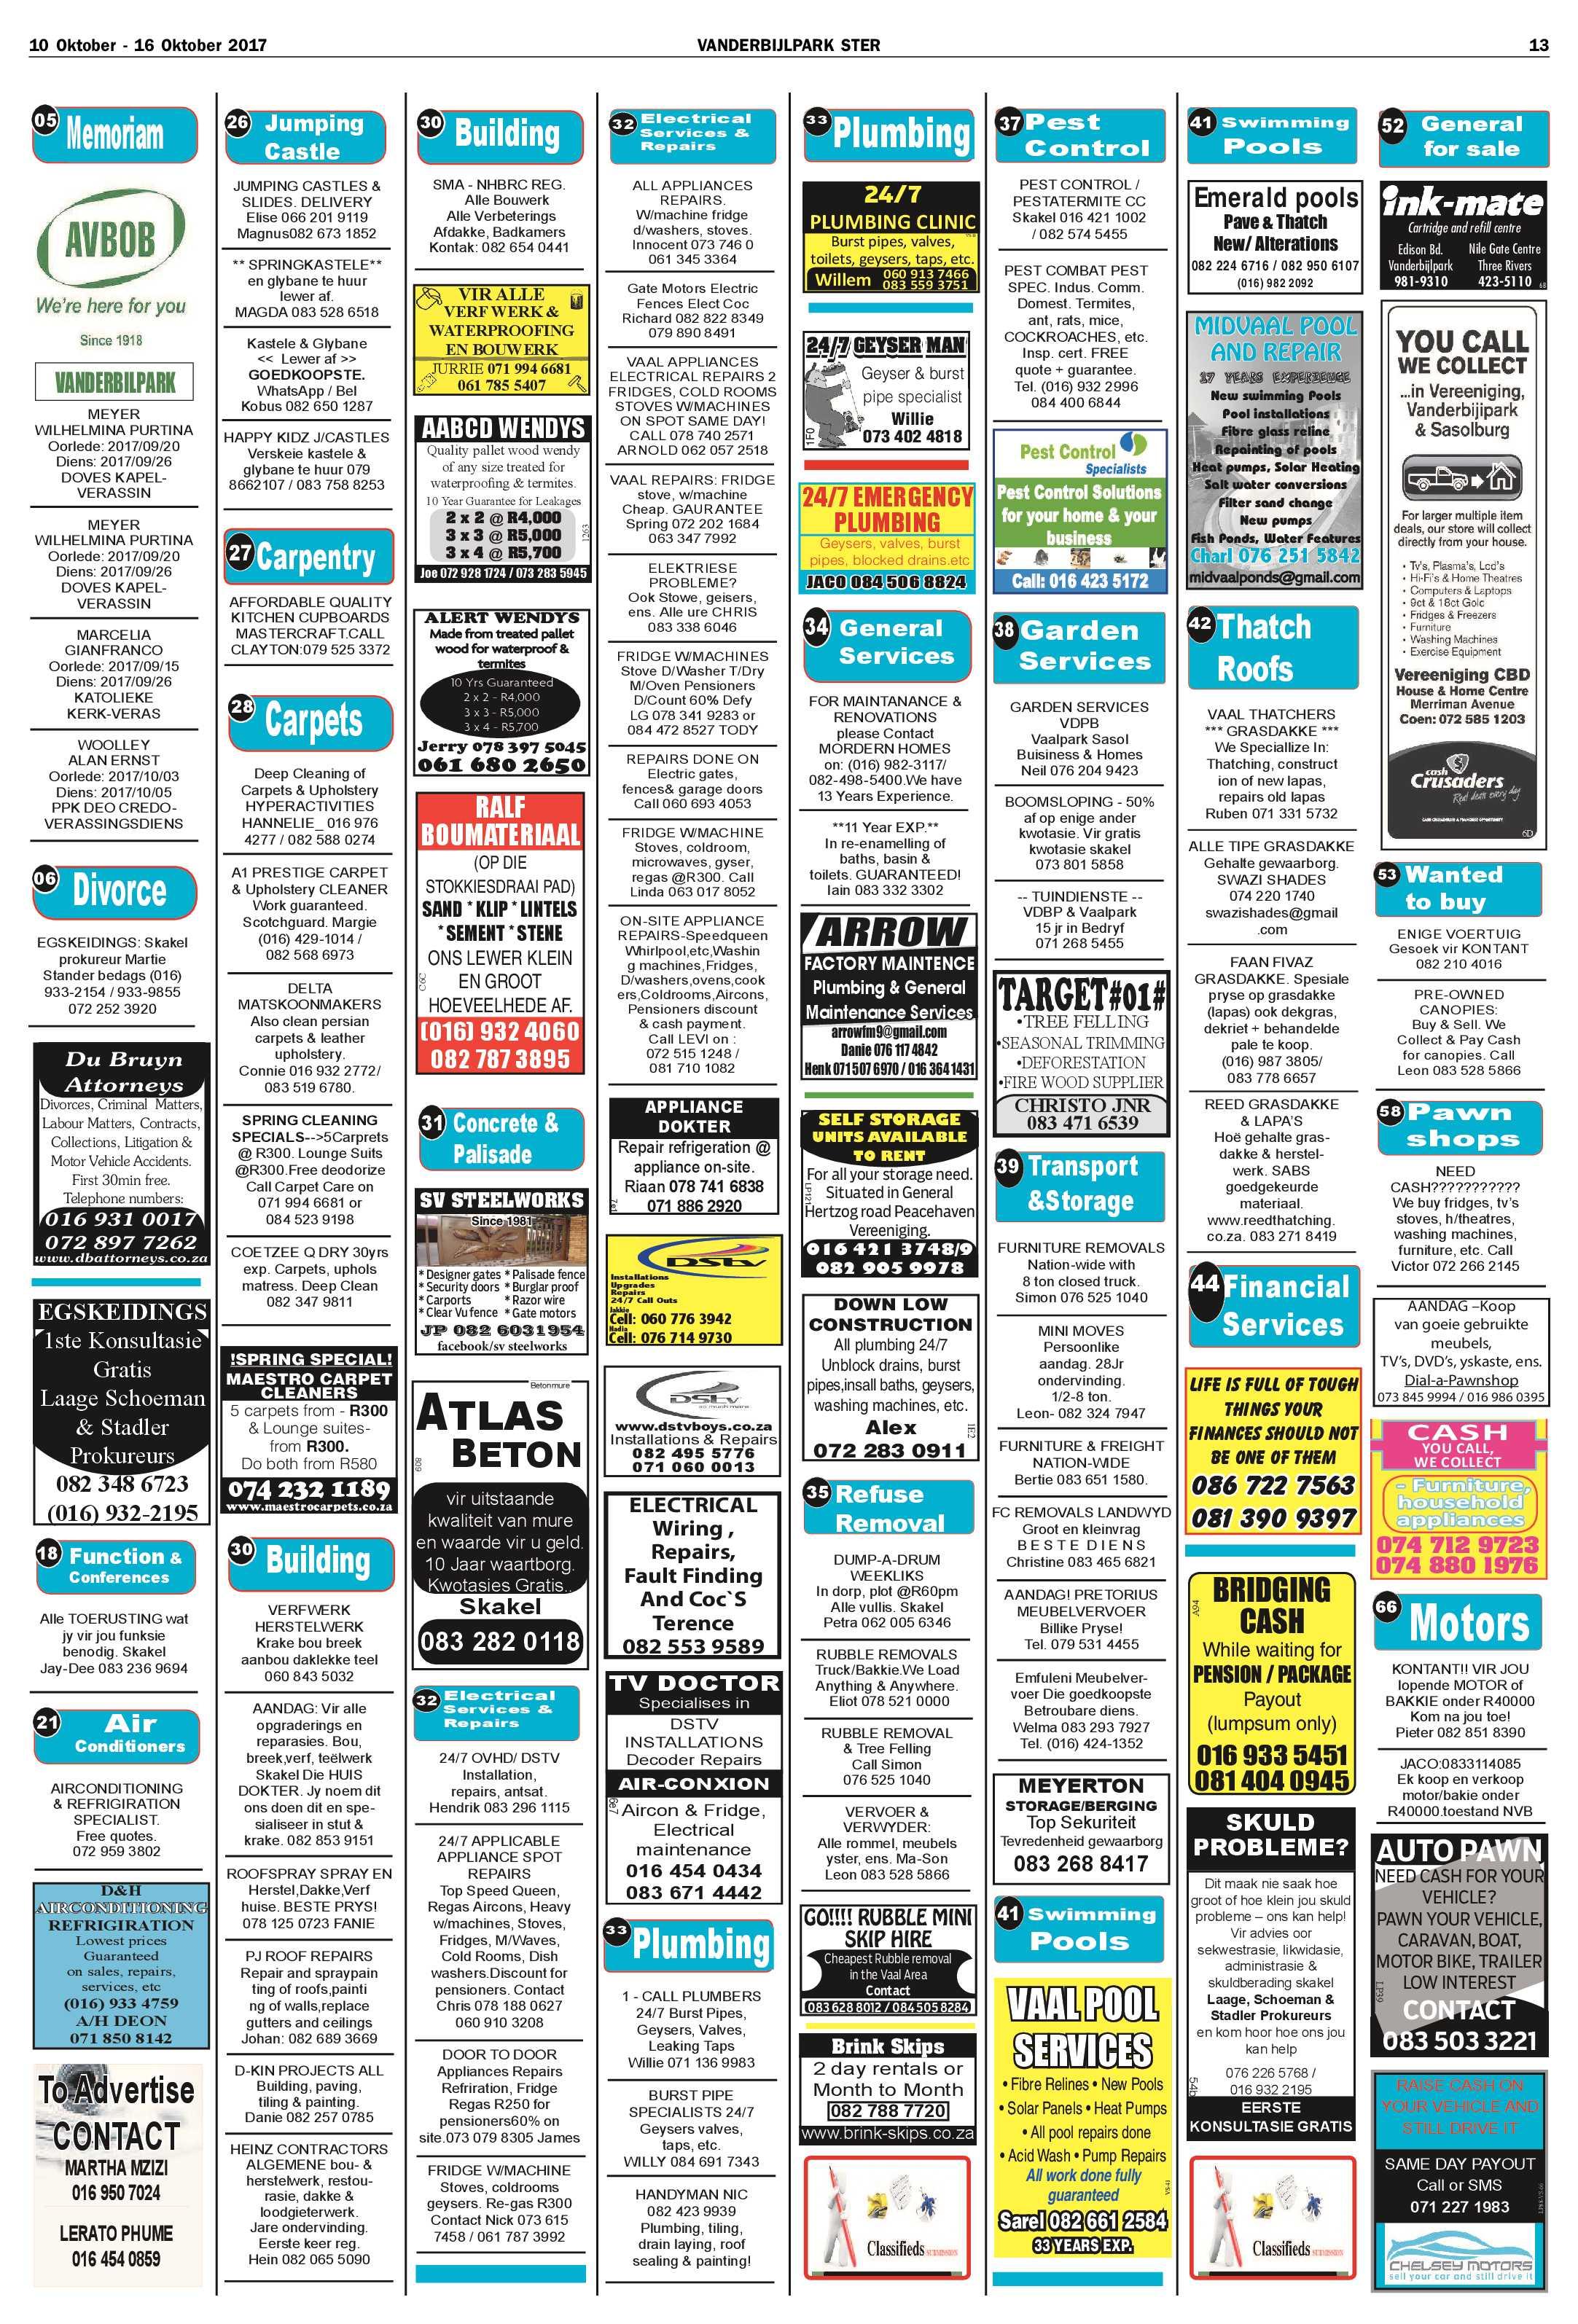 vanderbijlpark-ster-10-16-oktober-2017-epapers-page-13